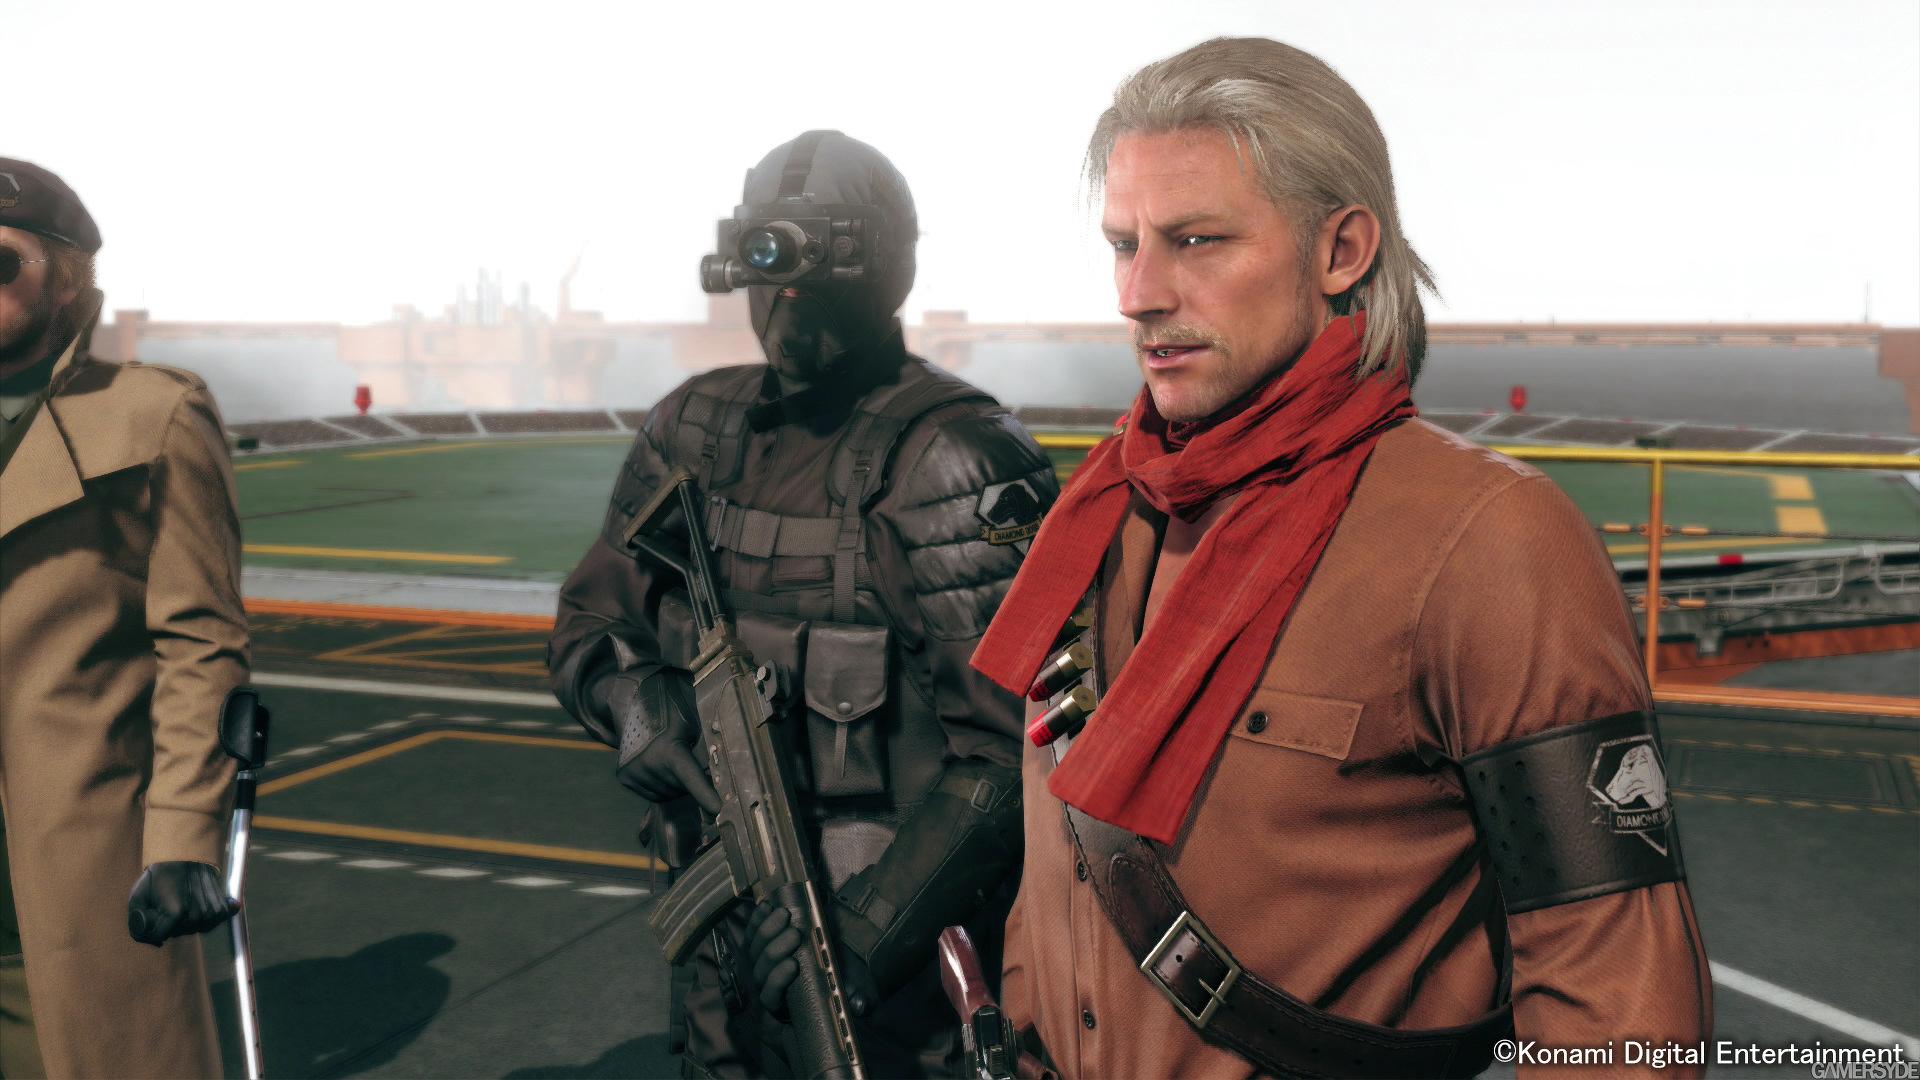 Diamond Dog nejlepší přítel Snakea v Metal Gear Solid V 100714